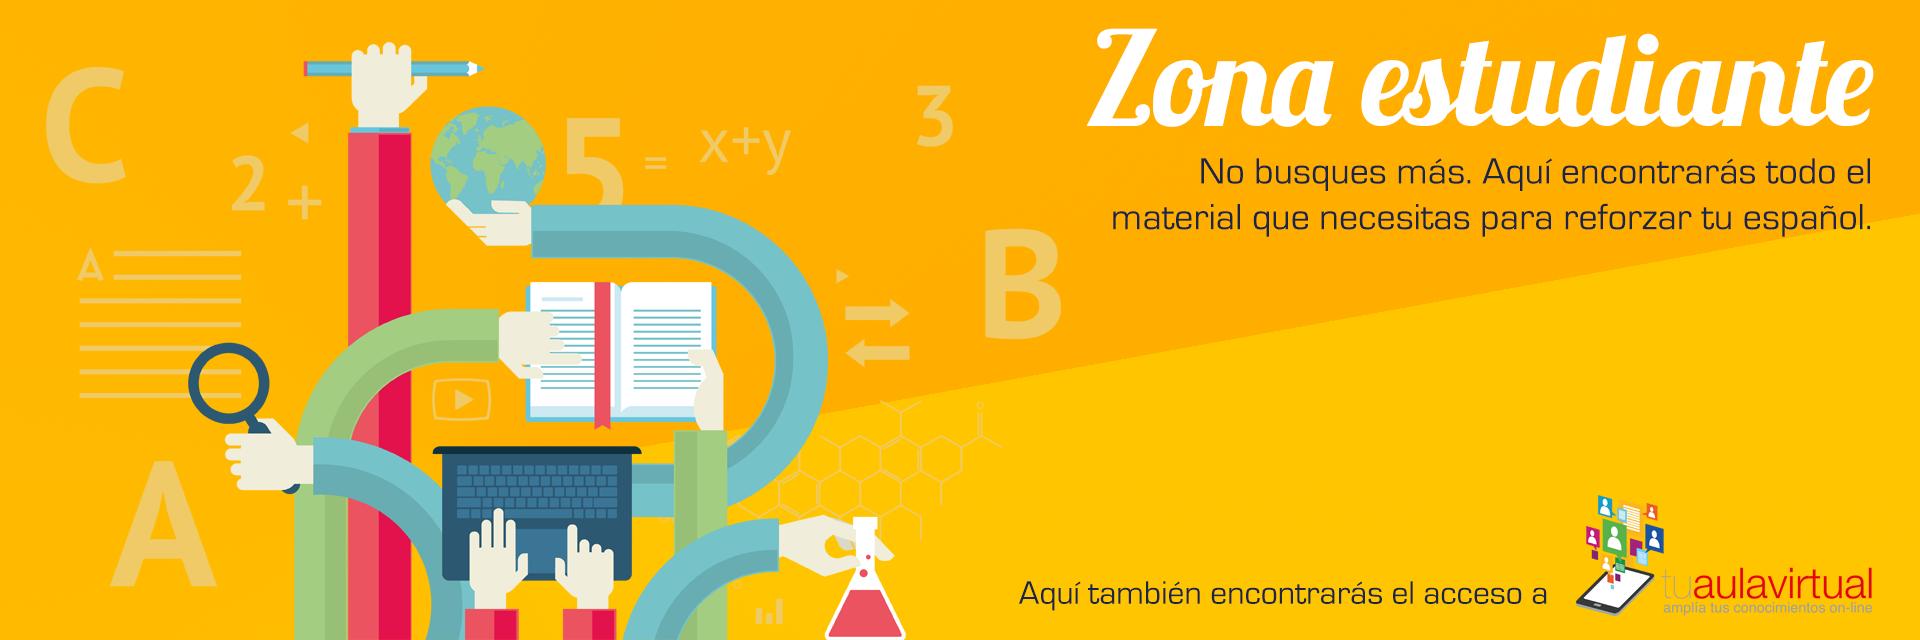 zona_estudiante2